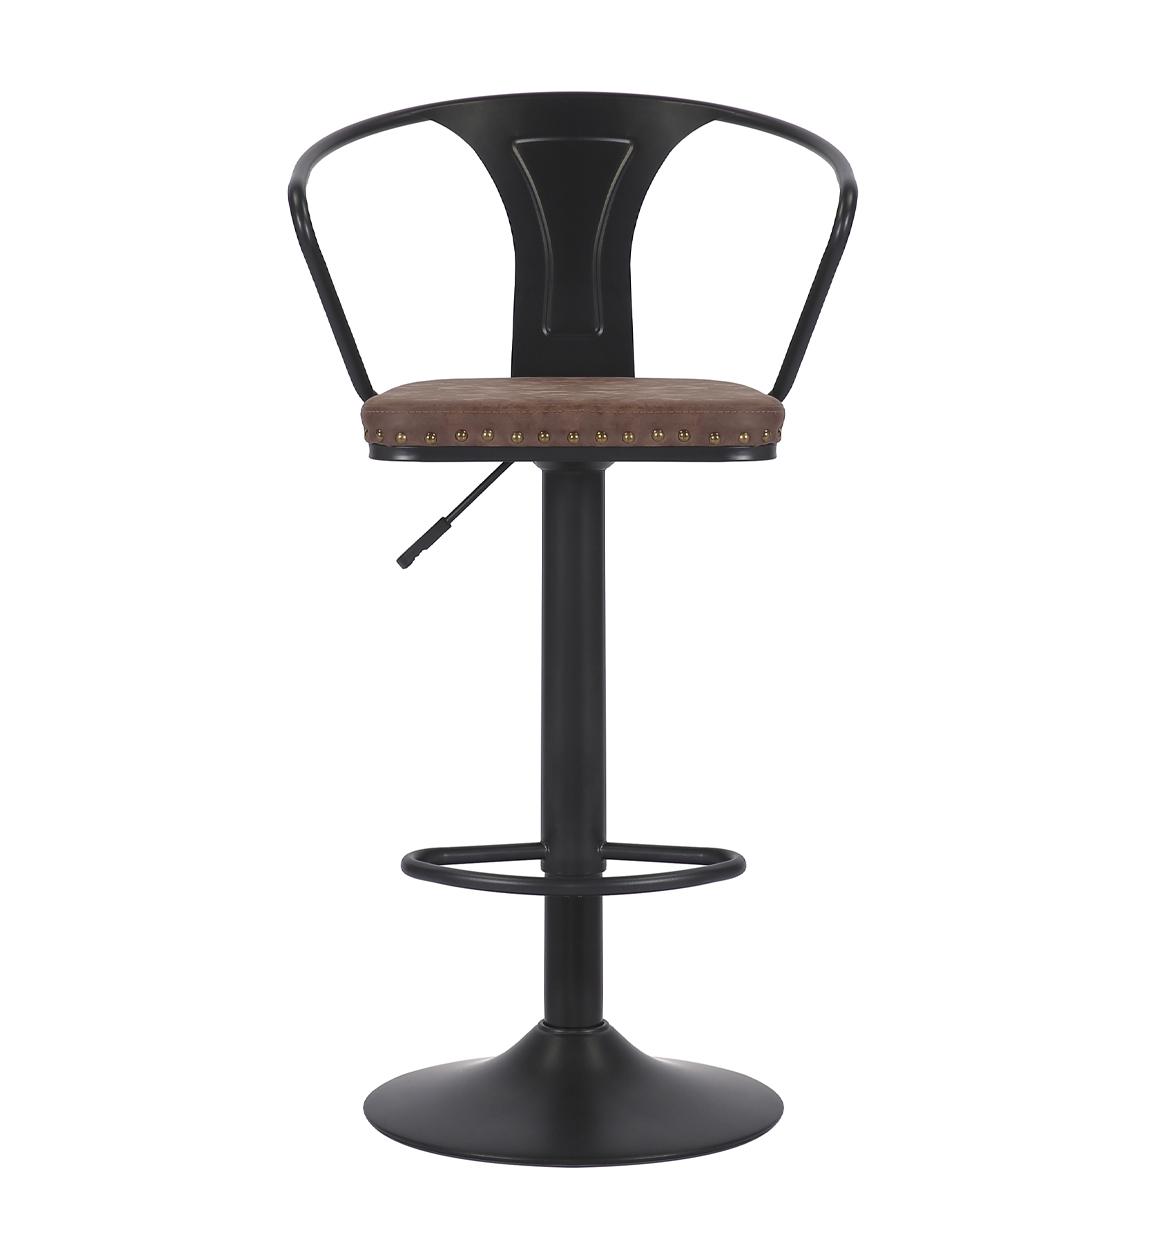 Chaise de bar pivotante en fer noir et cuir marron